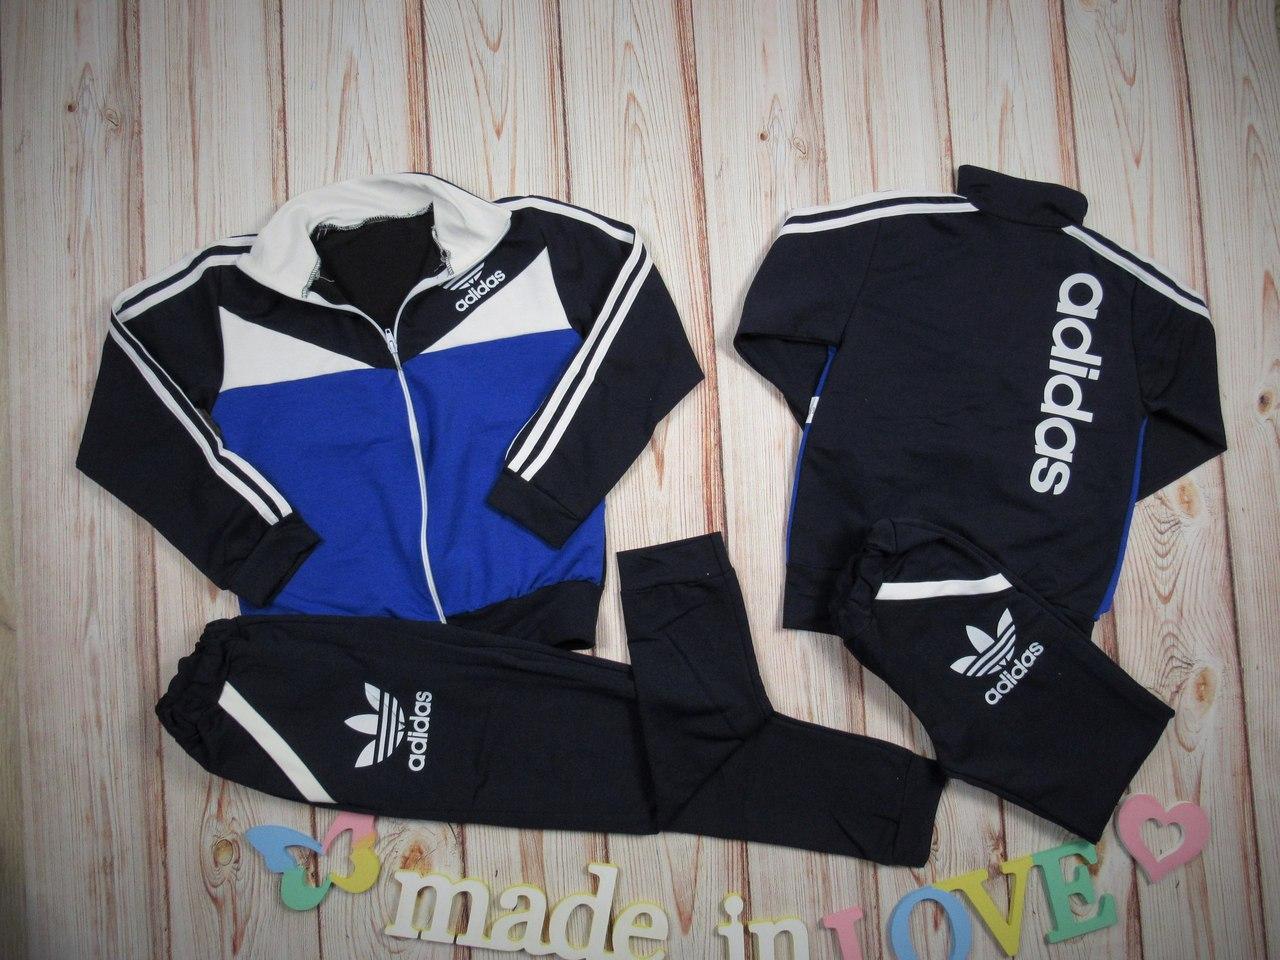 757181fa54dc Детский спортивный костюм адидас,разные цвета. -  МОДНЫЙ BAZAAR  Одежда и  обувь